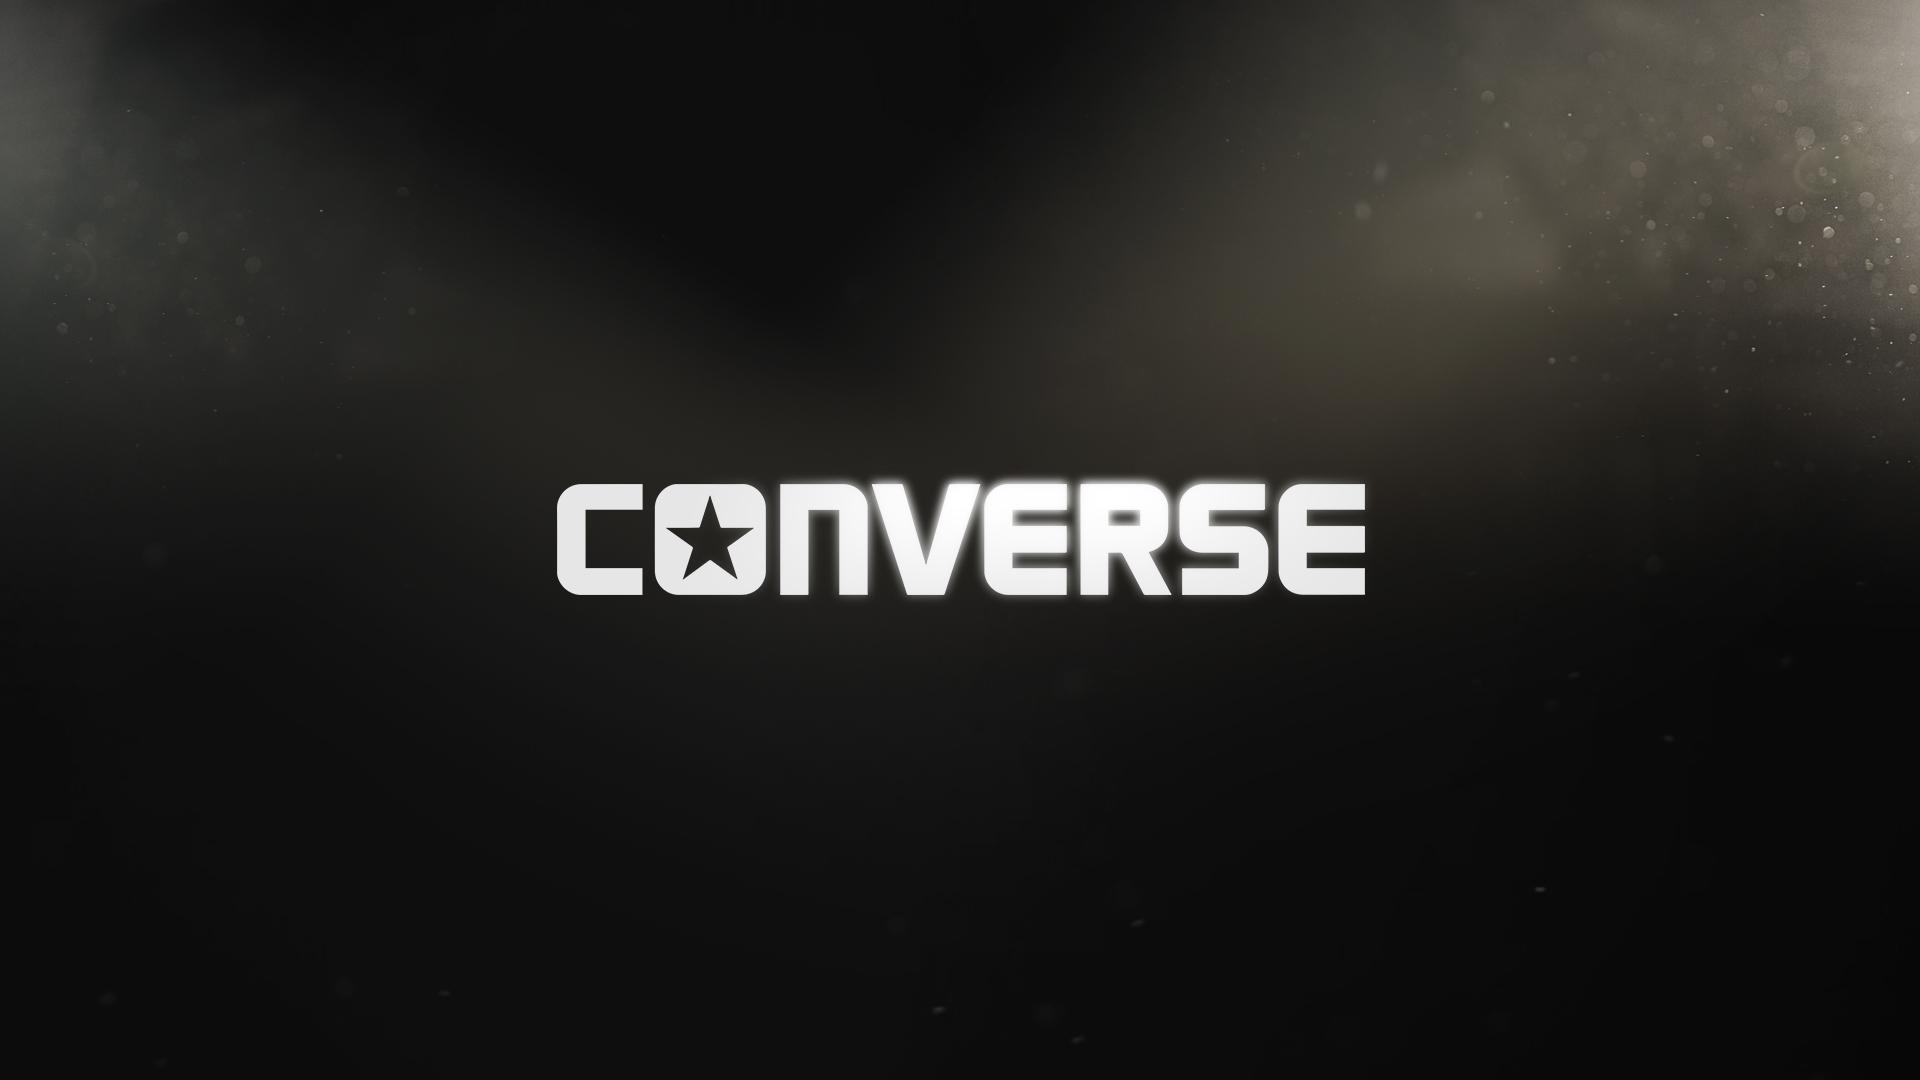 Converse_Camo_logo_01.jpg